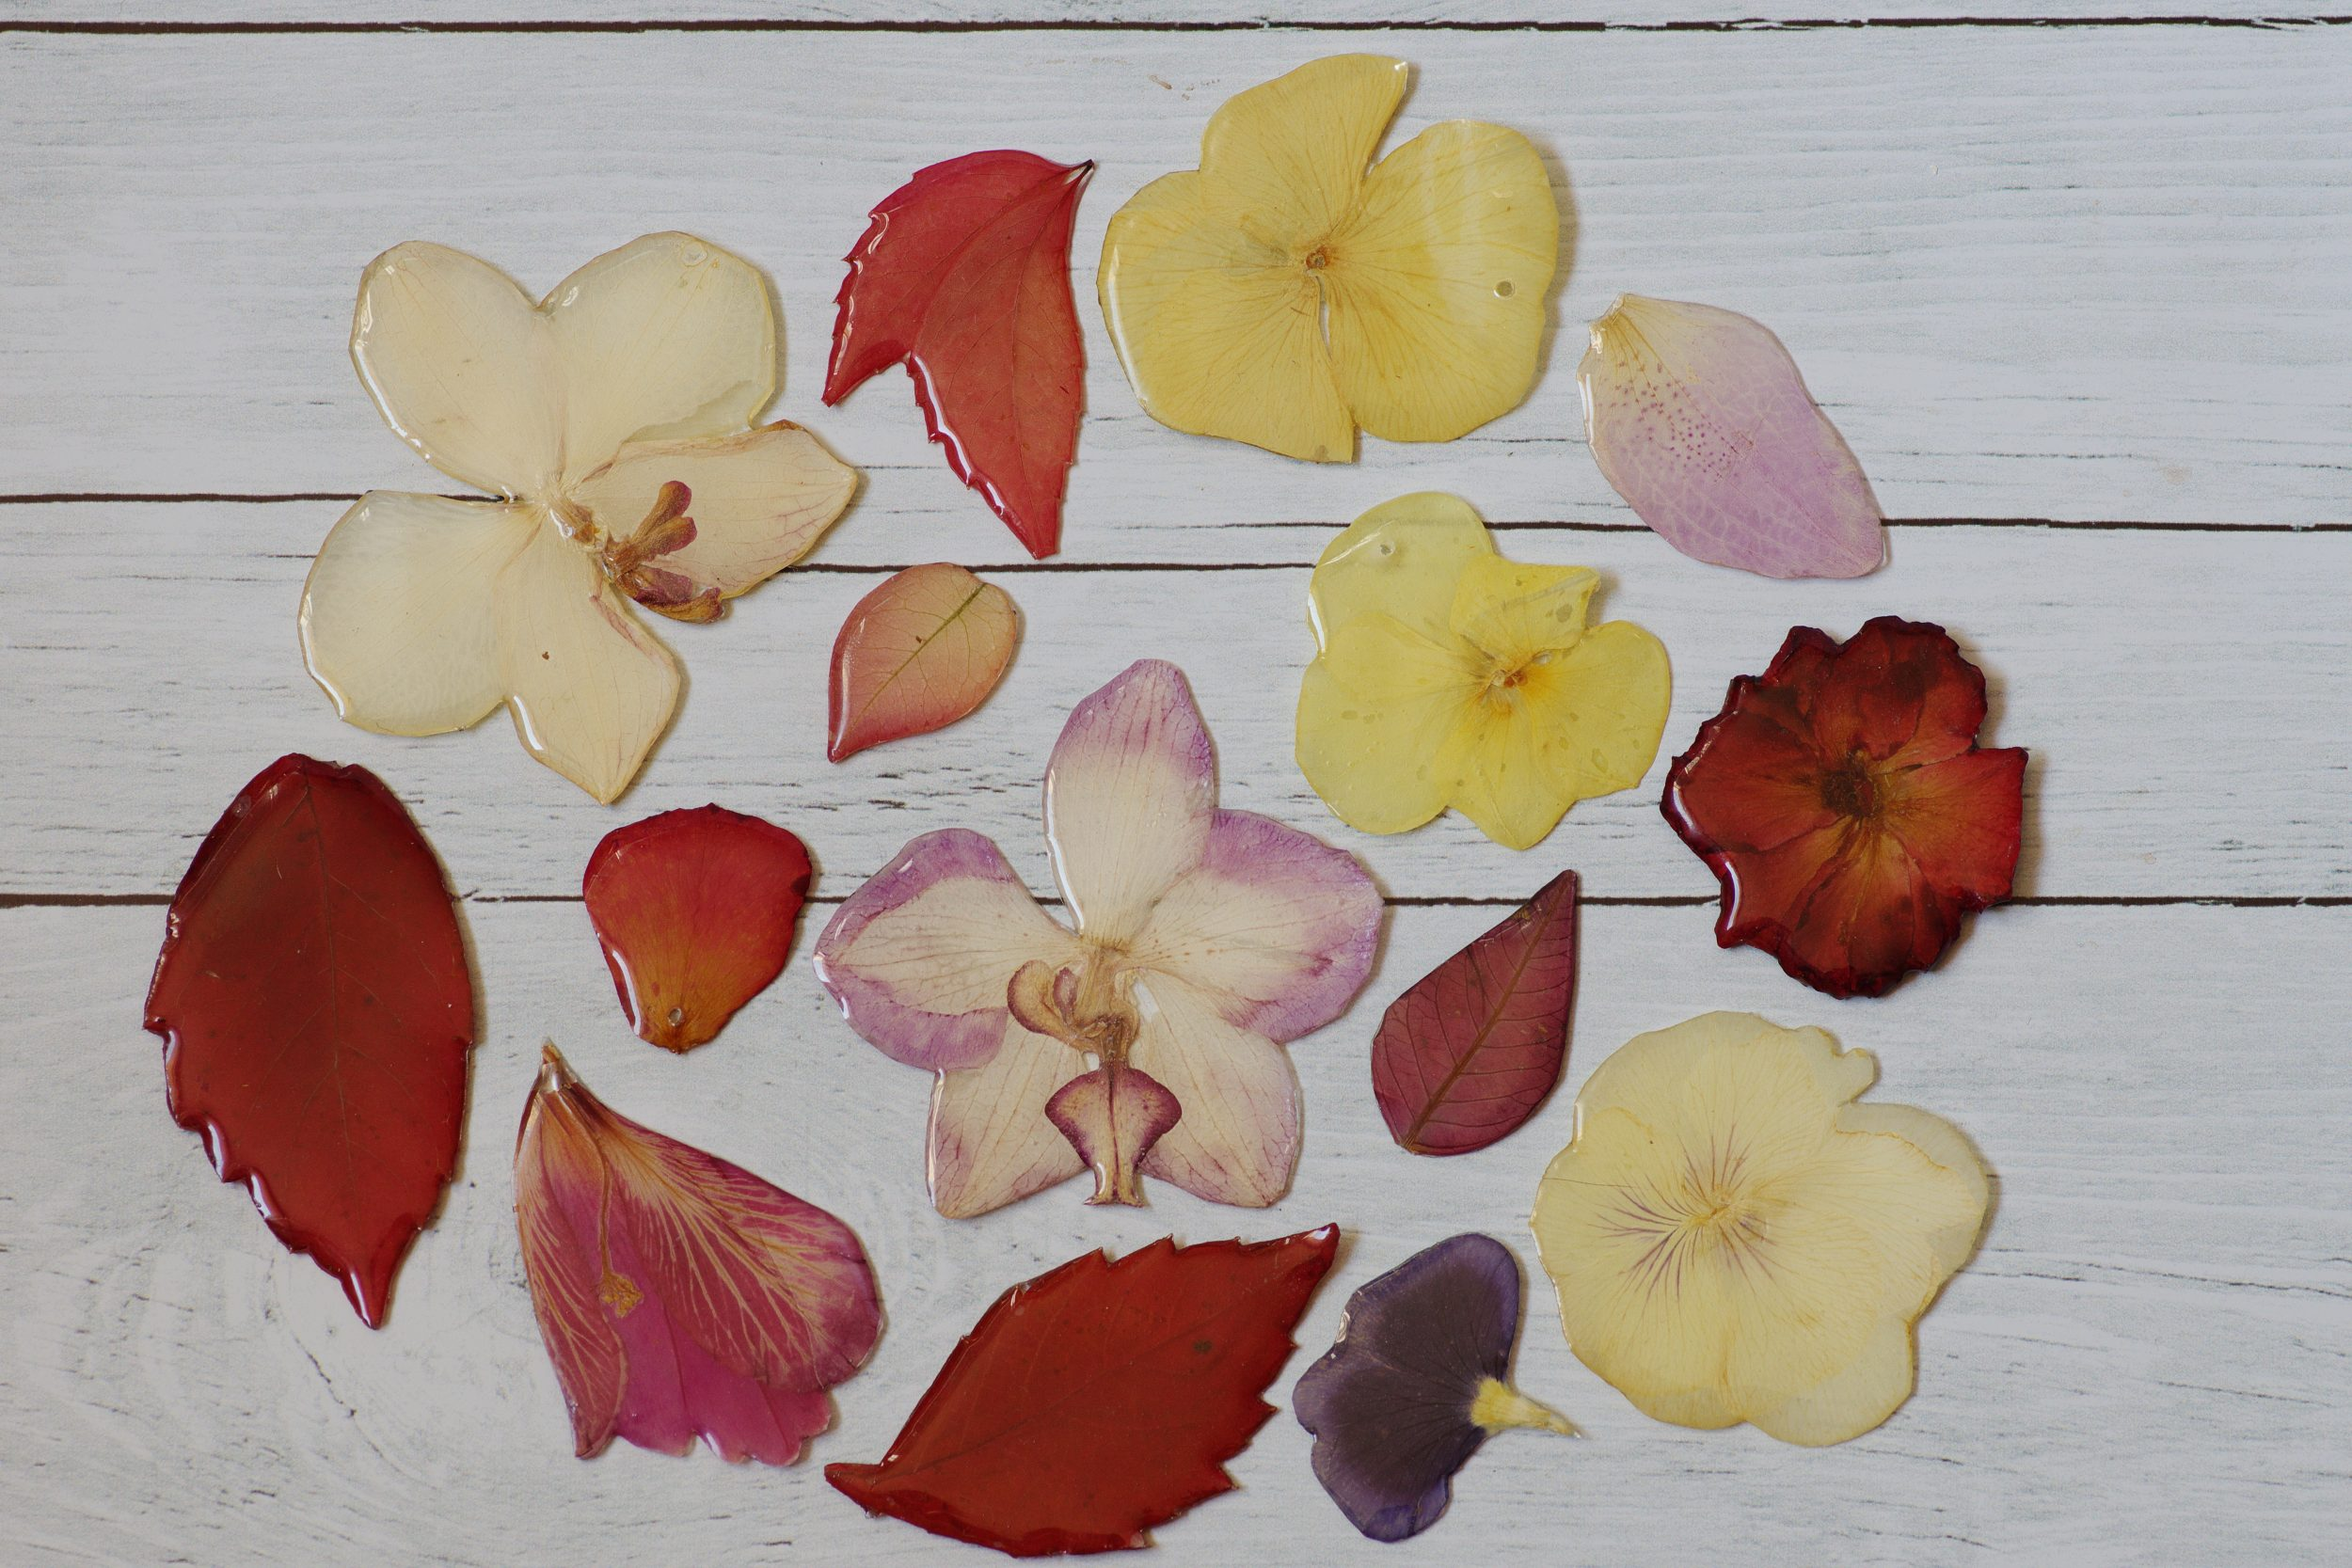 végétaux en train de sécher : orchidées, pensées, hibiscus, poinsetia, roses, vigne vierge,